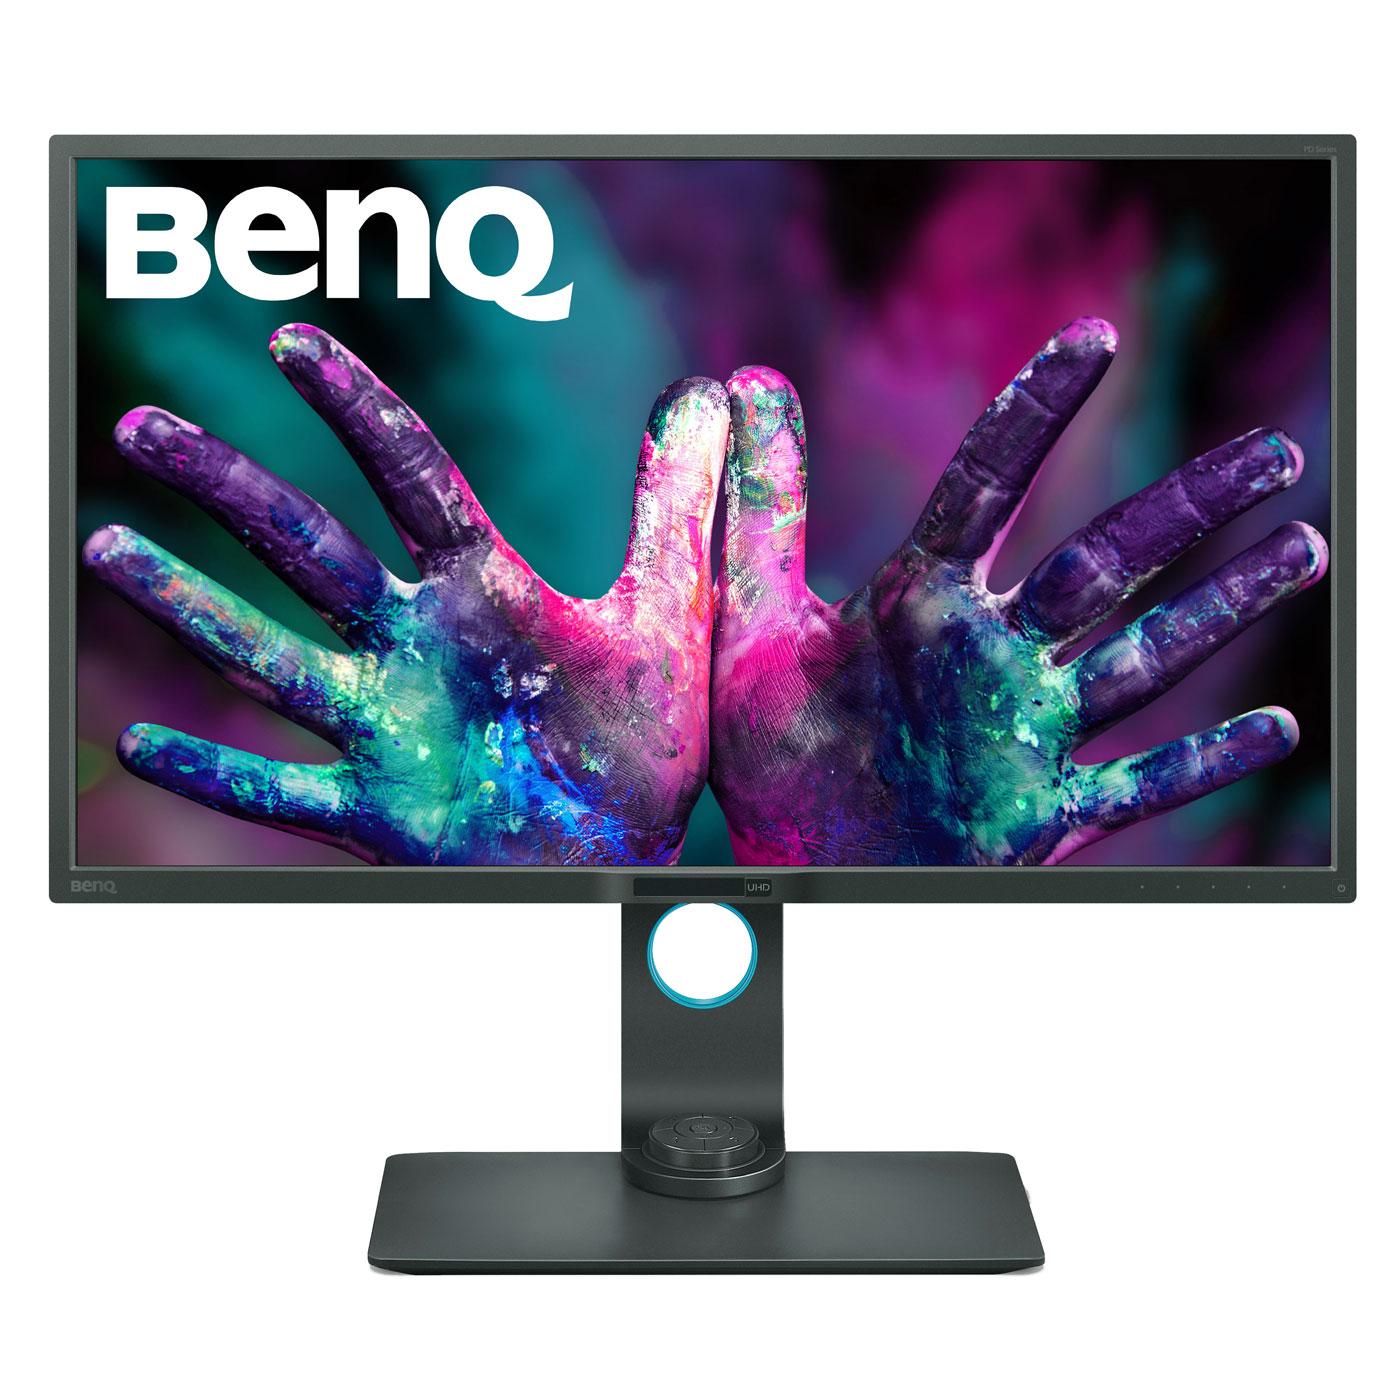 """Ecran PC BenQ 32"""" LED - PD3200U 3840 x 2160 pixels - 4 ms (gris à gris) - Format large 16/9 - Dalle IPS - HDMI/DisplayPort - Noir"""